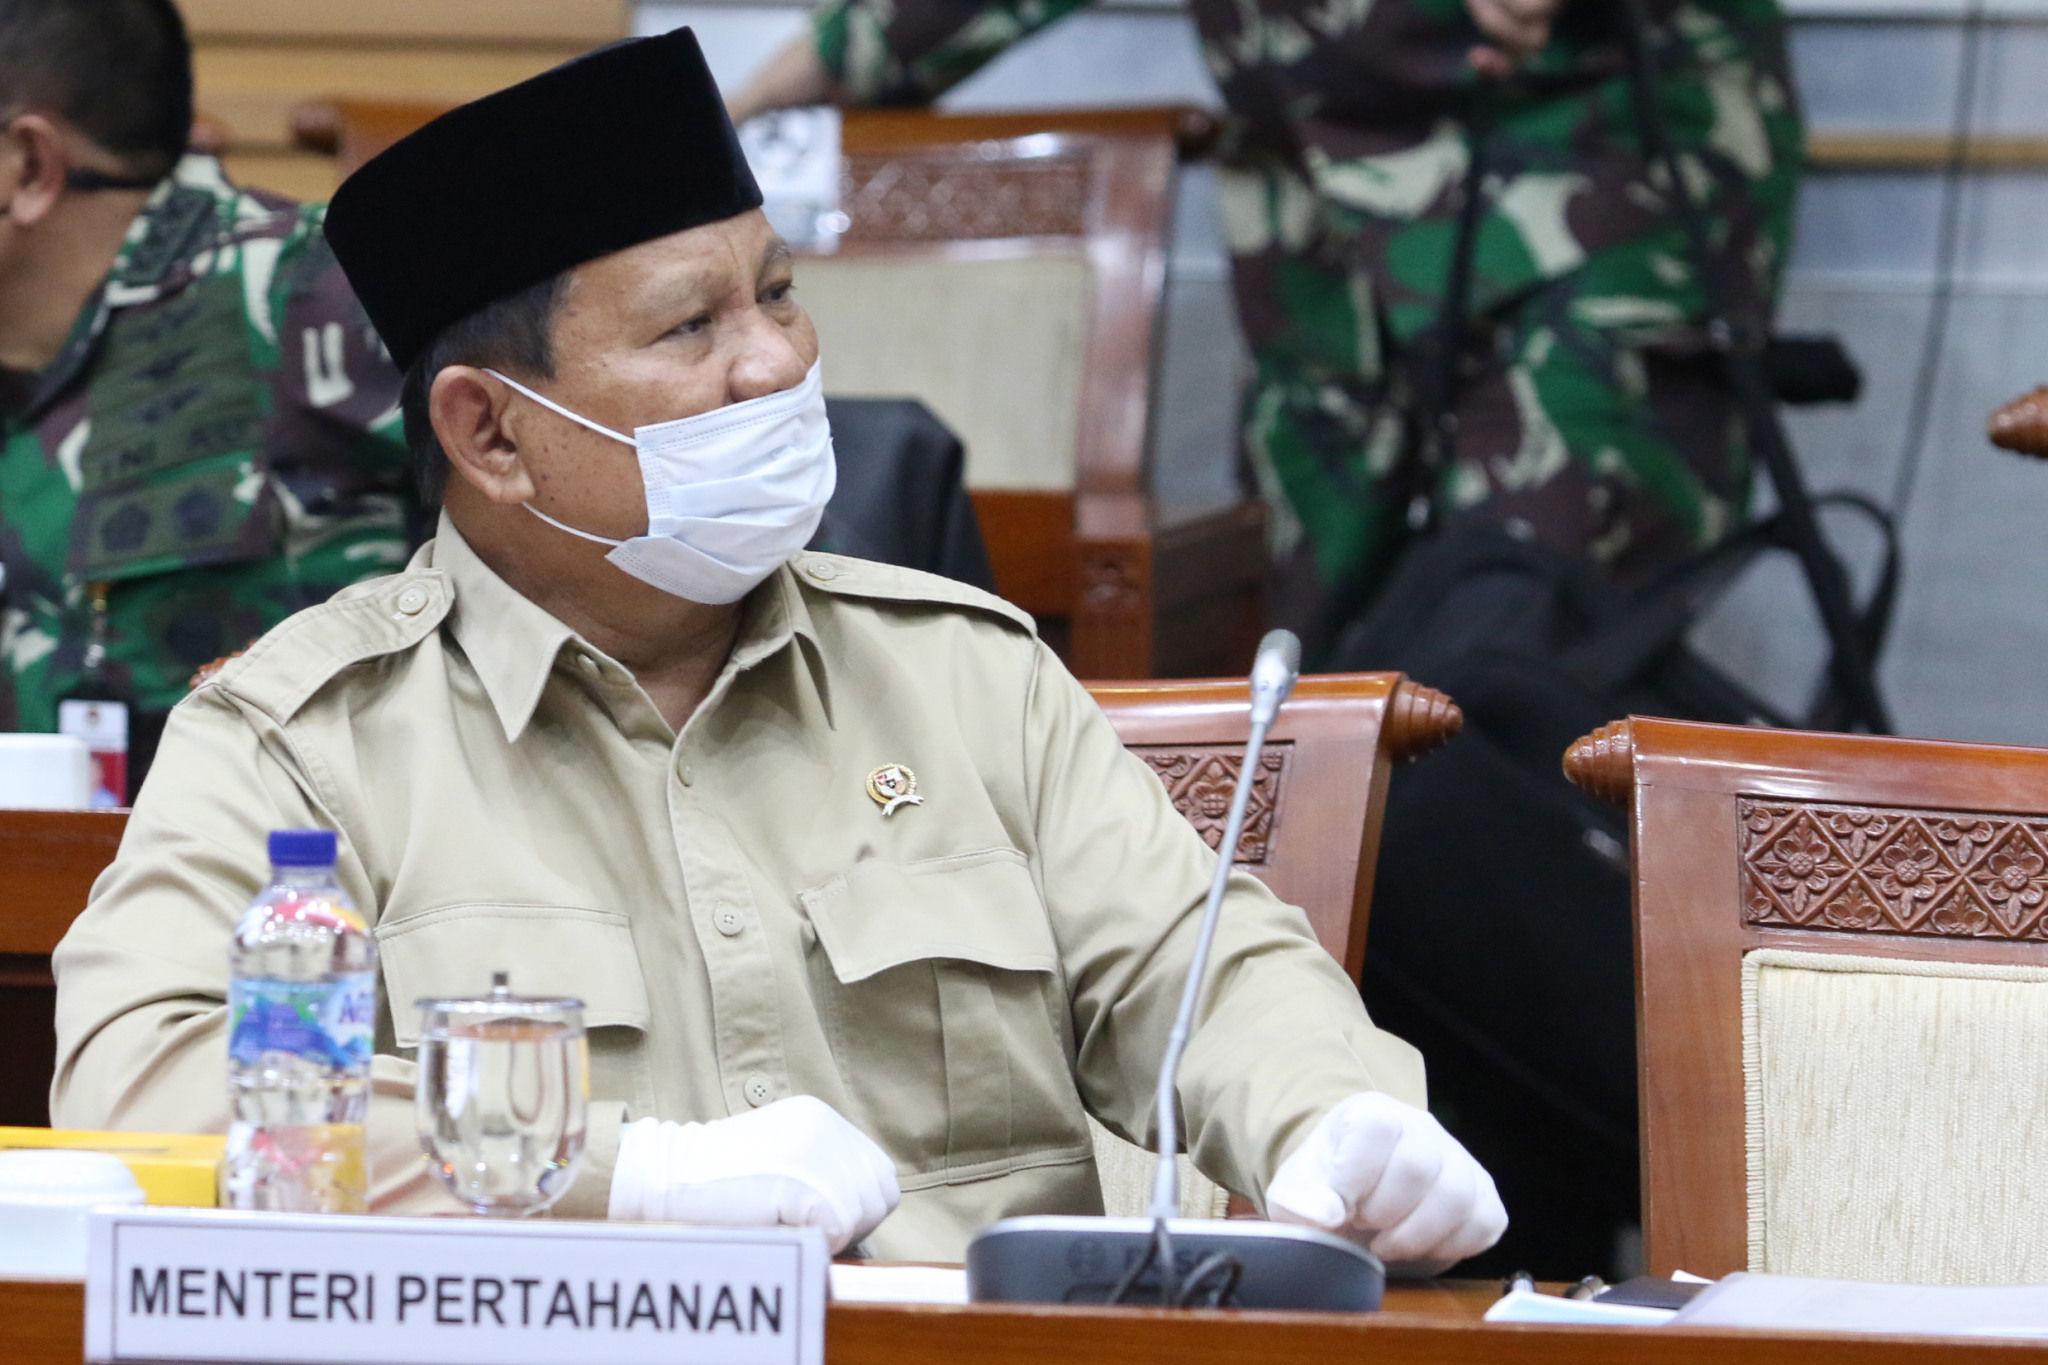 Prabowo Turun Tangan Pilih Produsen Senjata, BUMN Diajak?